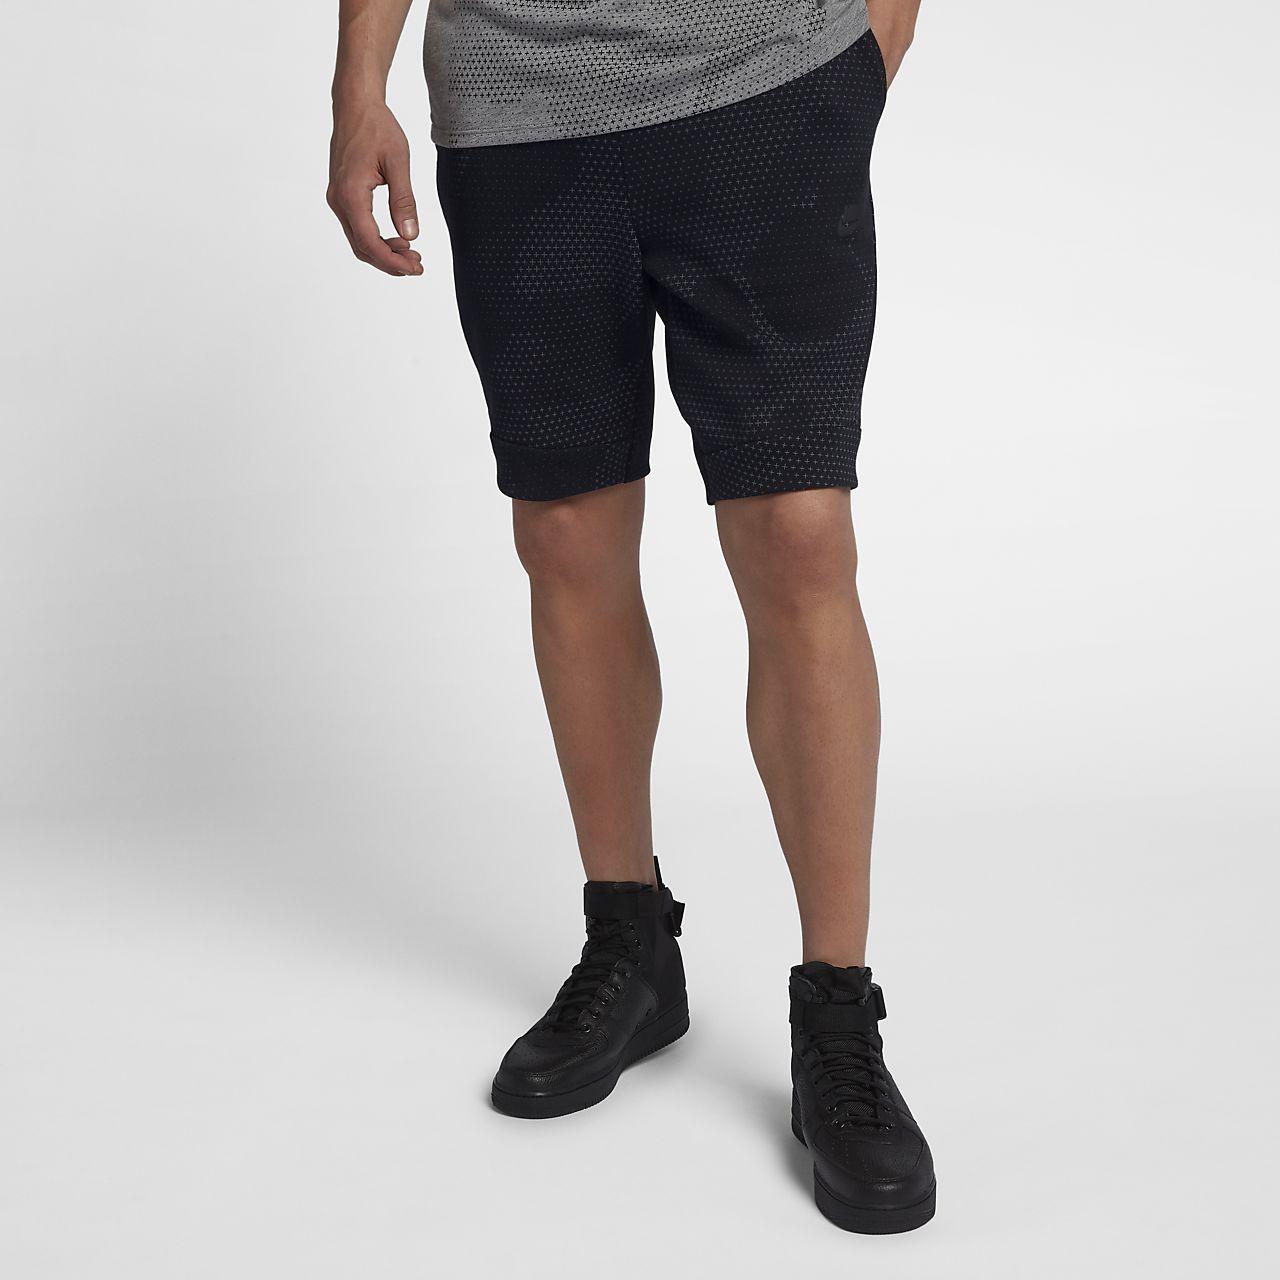 Nike Sportswear Tech Fleece Men's Shorts Black